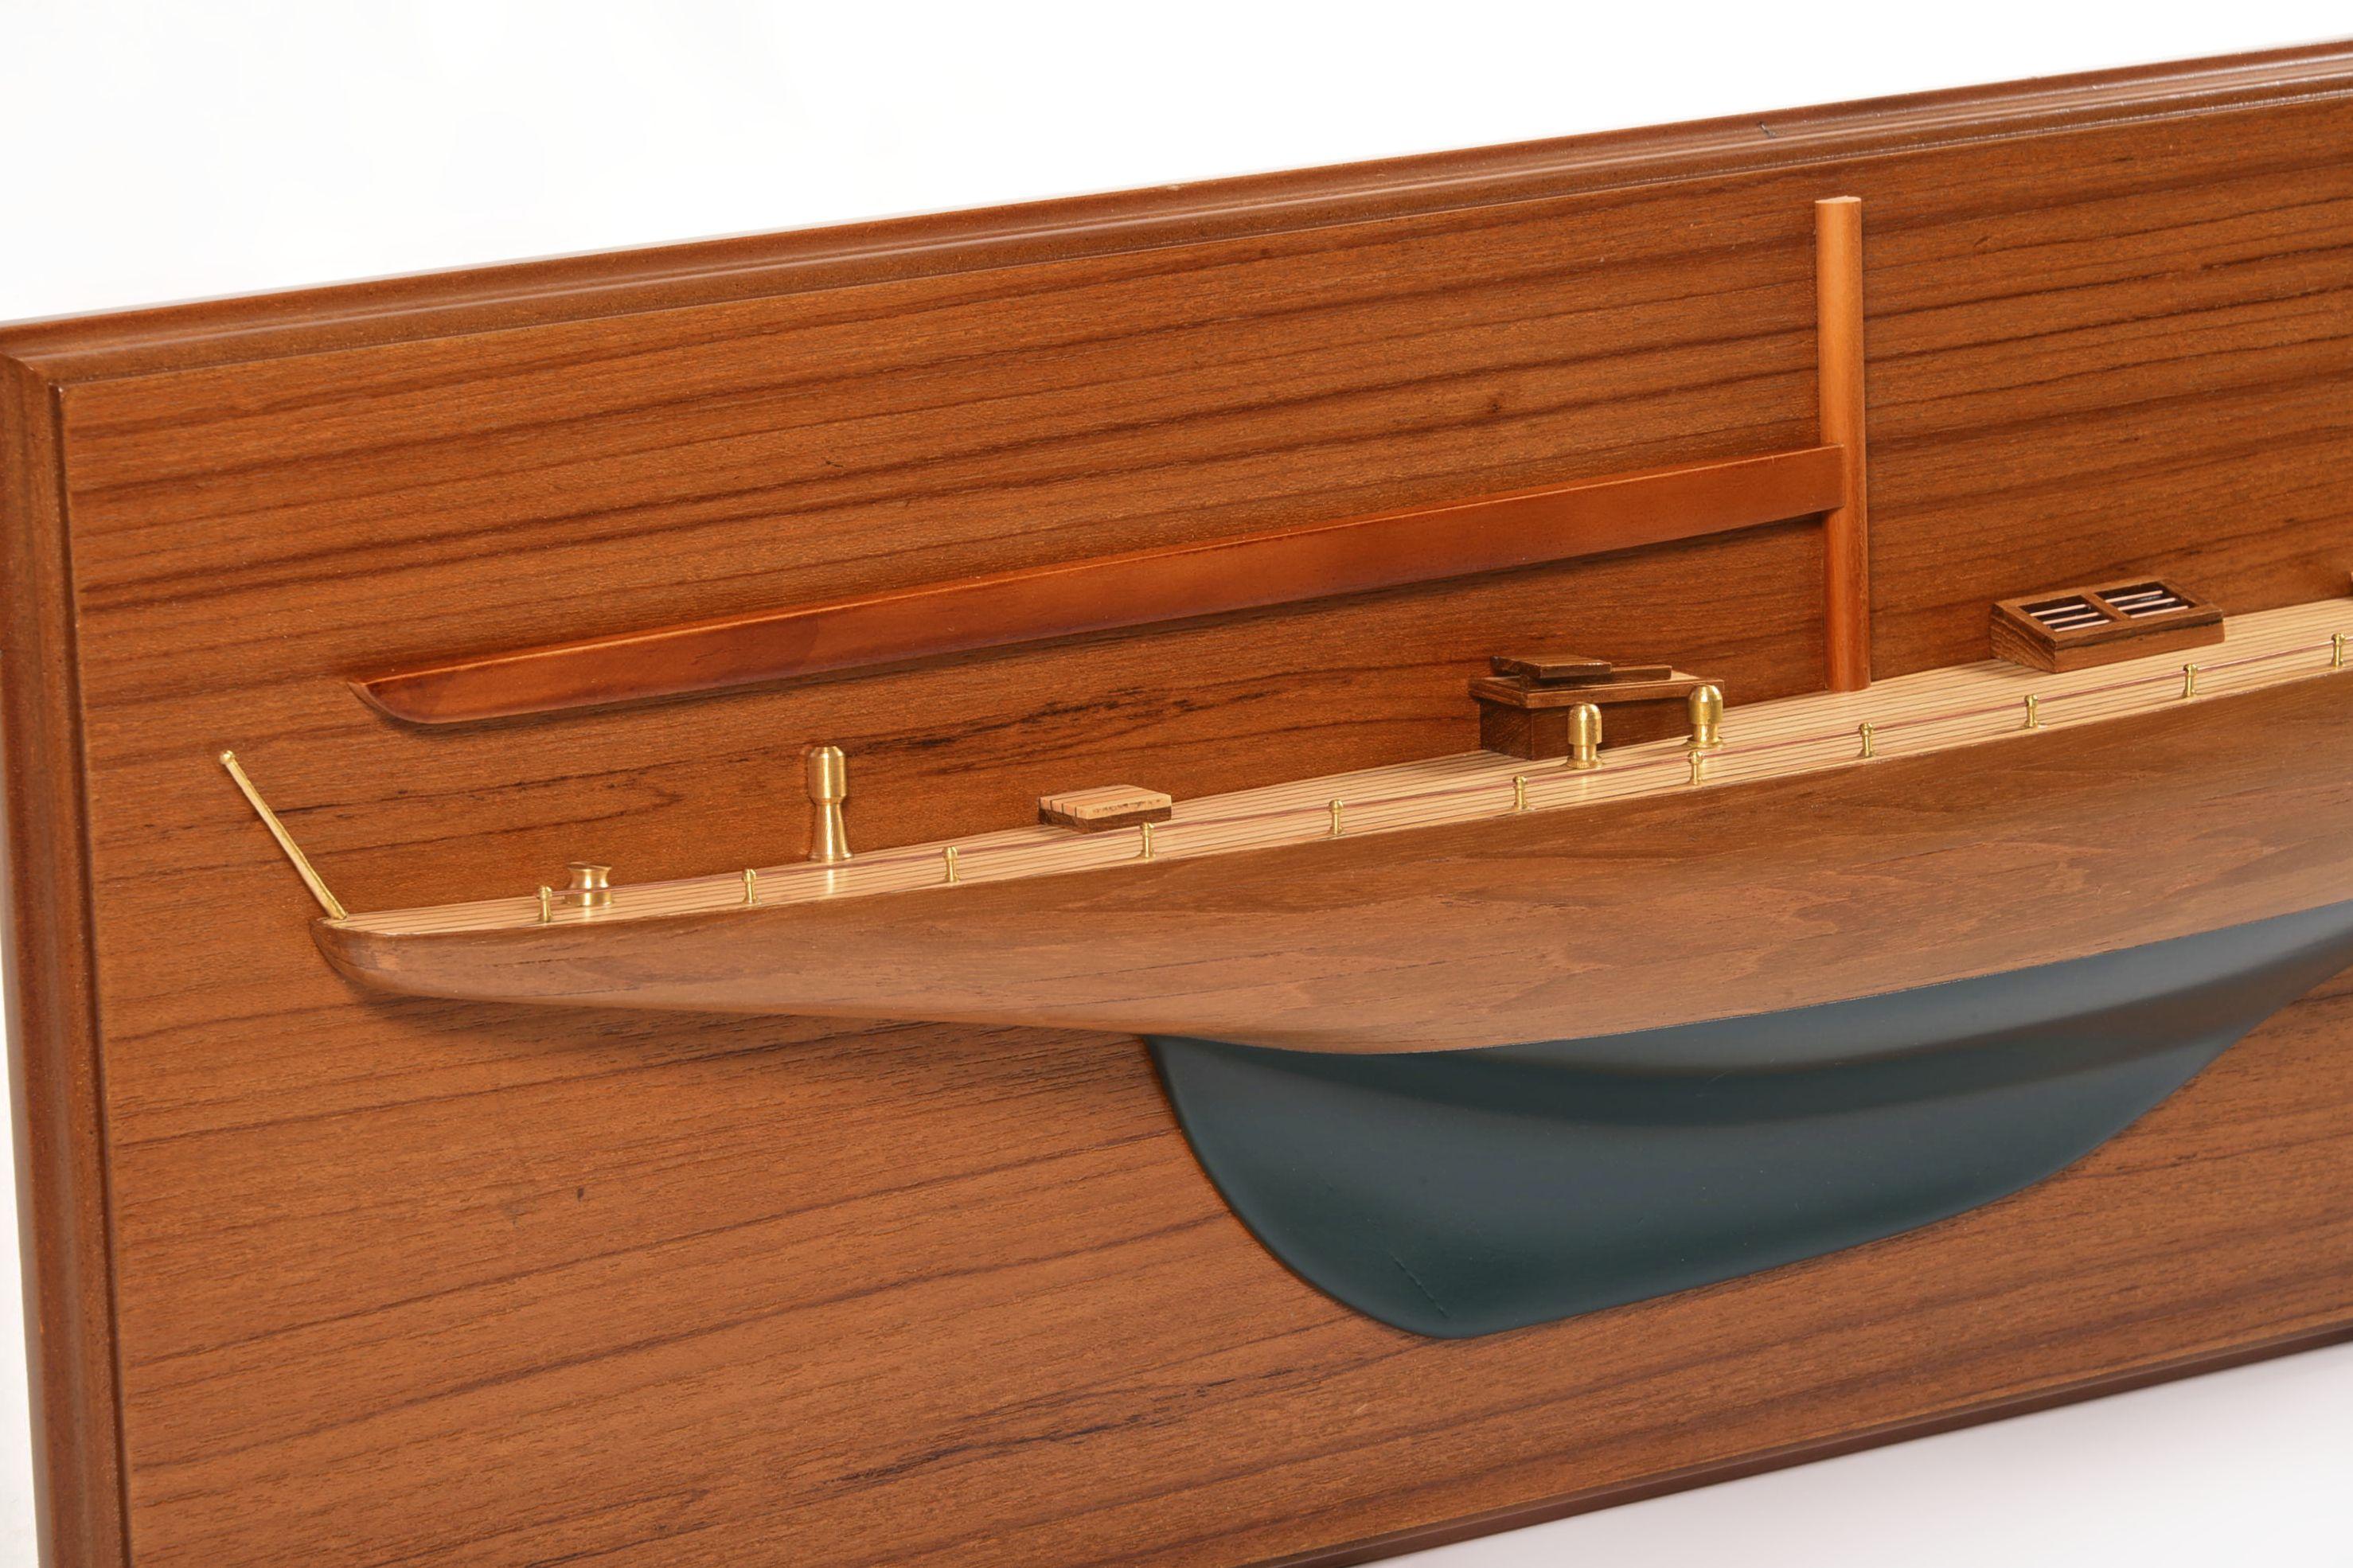 1830-10826-Half-Models